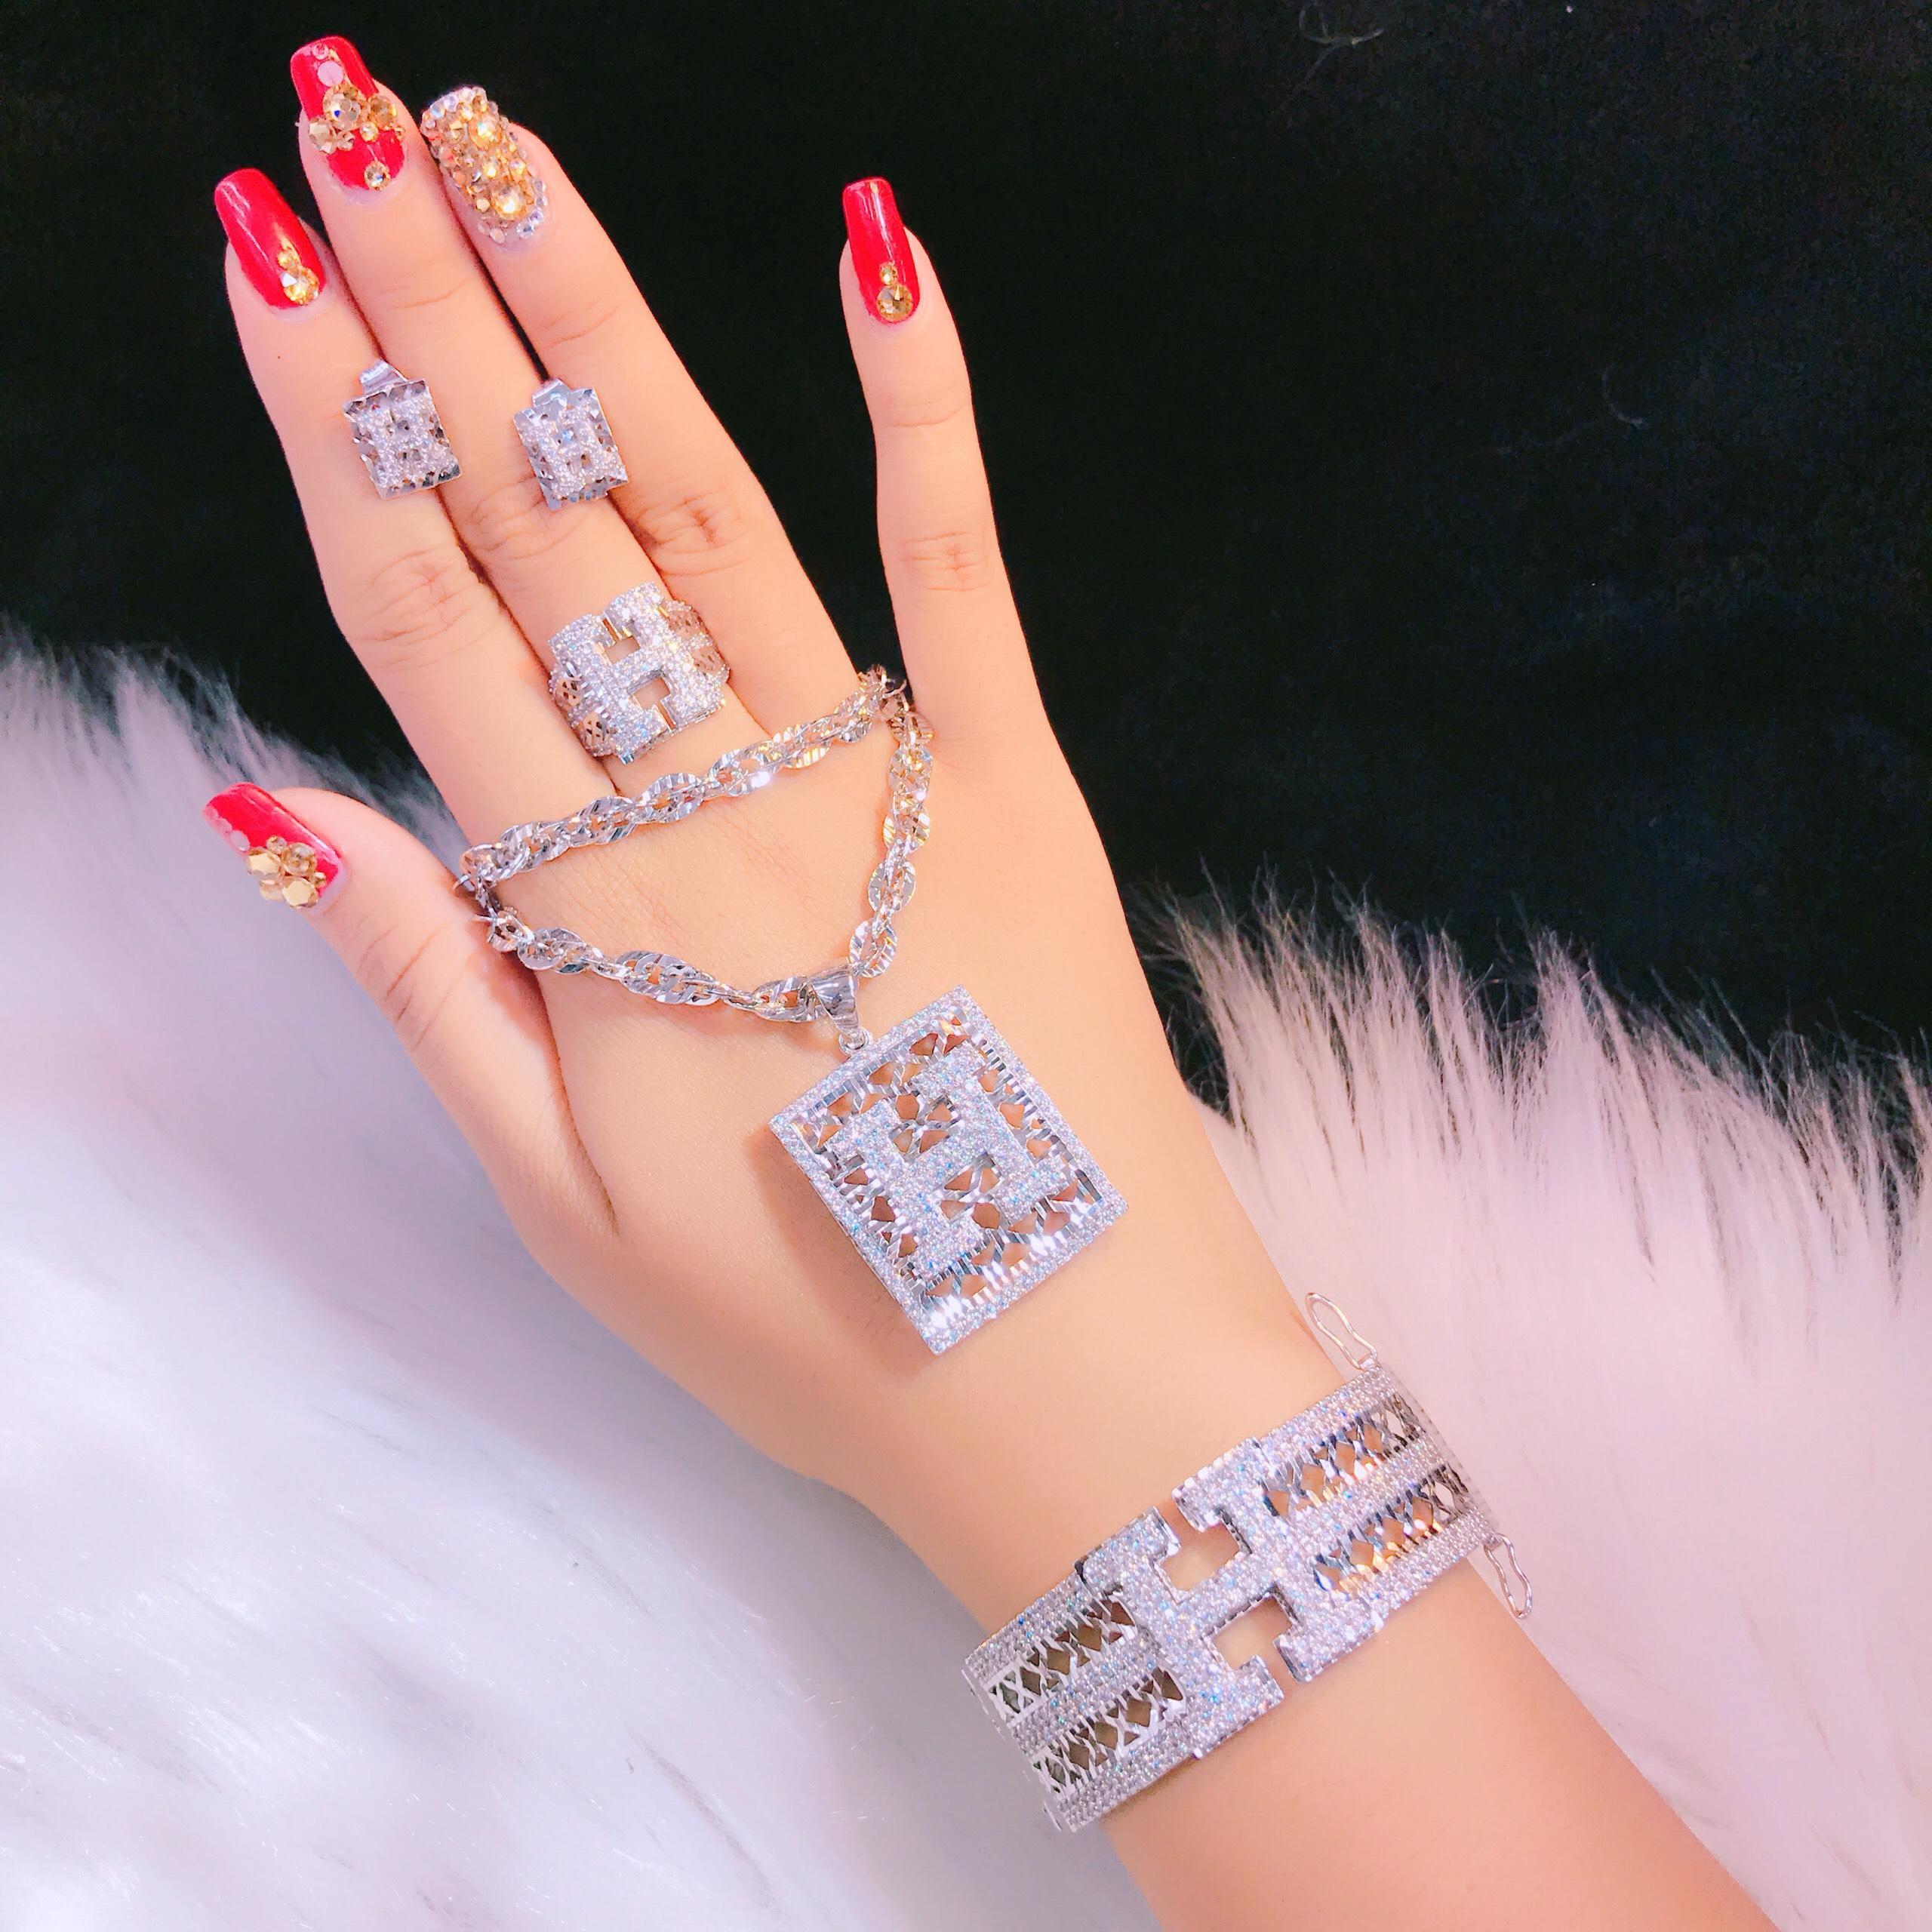 Trang Sức Bộ Chữ H Xi Bạch Kim - Givishop - B4070715 , Bền Màu, Sáng Như Vàng Thật, Chất Liệu Bạc Thái, Không Đen - Thiết Kế Đi Tiệc, bộ trang sức bạch kim, bộ nữ trang bạch kim, trang sức bạch kim, giá trang sức bạch kim, trang sức bạch kim G